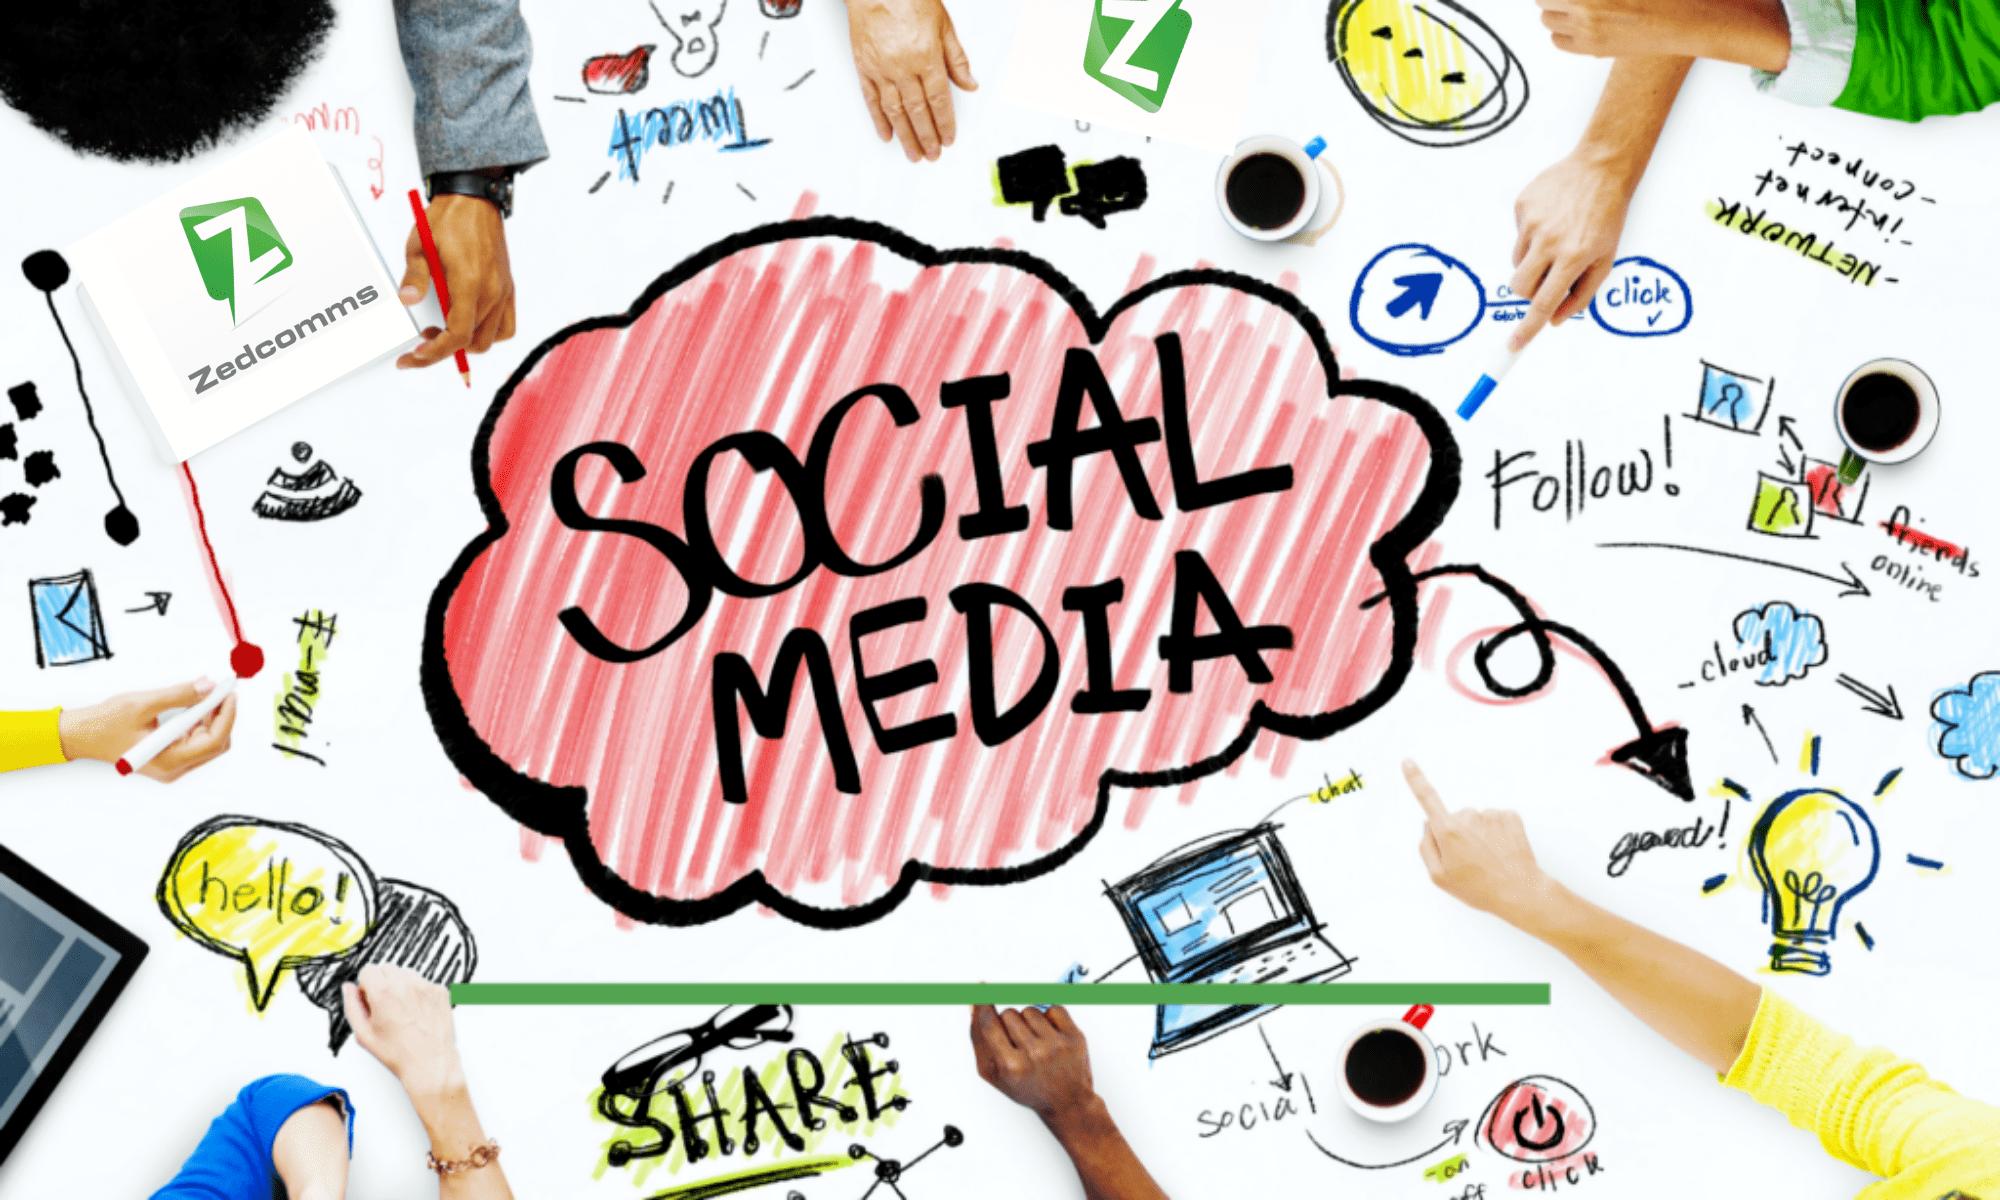 Zedcomms | The marketing company